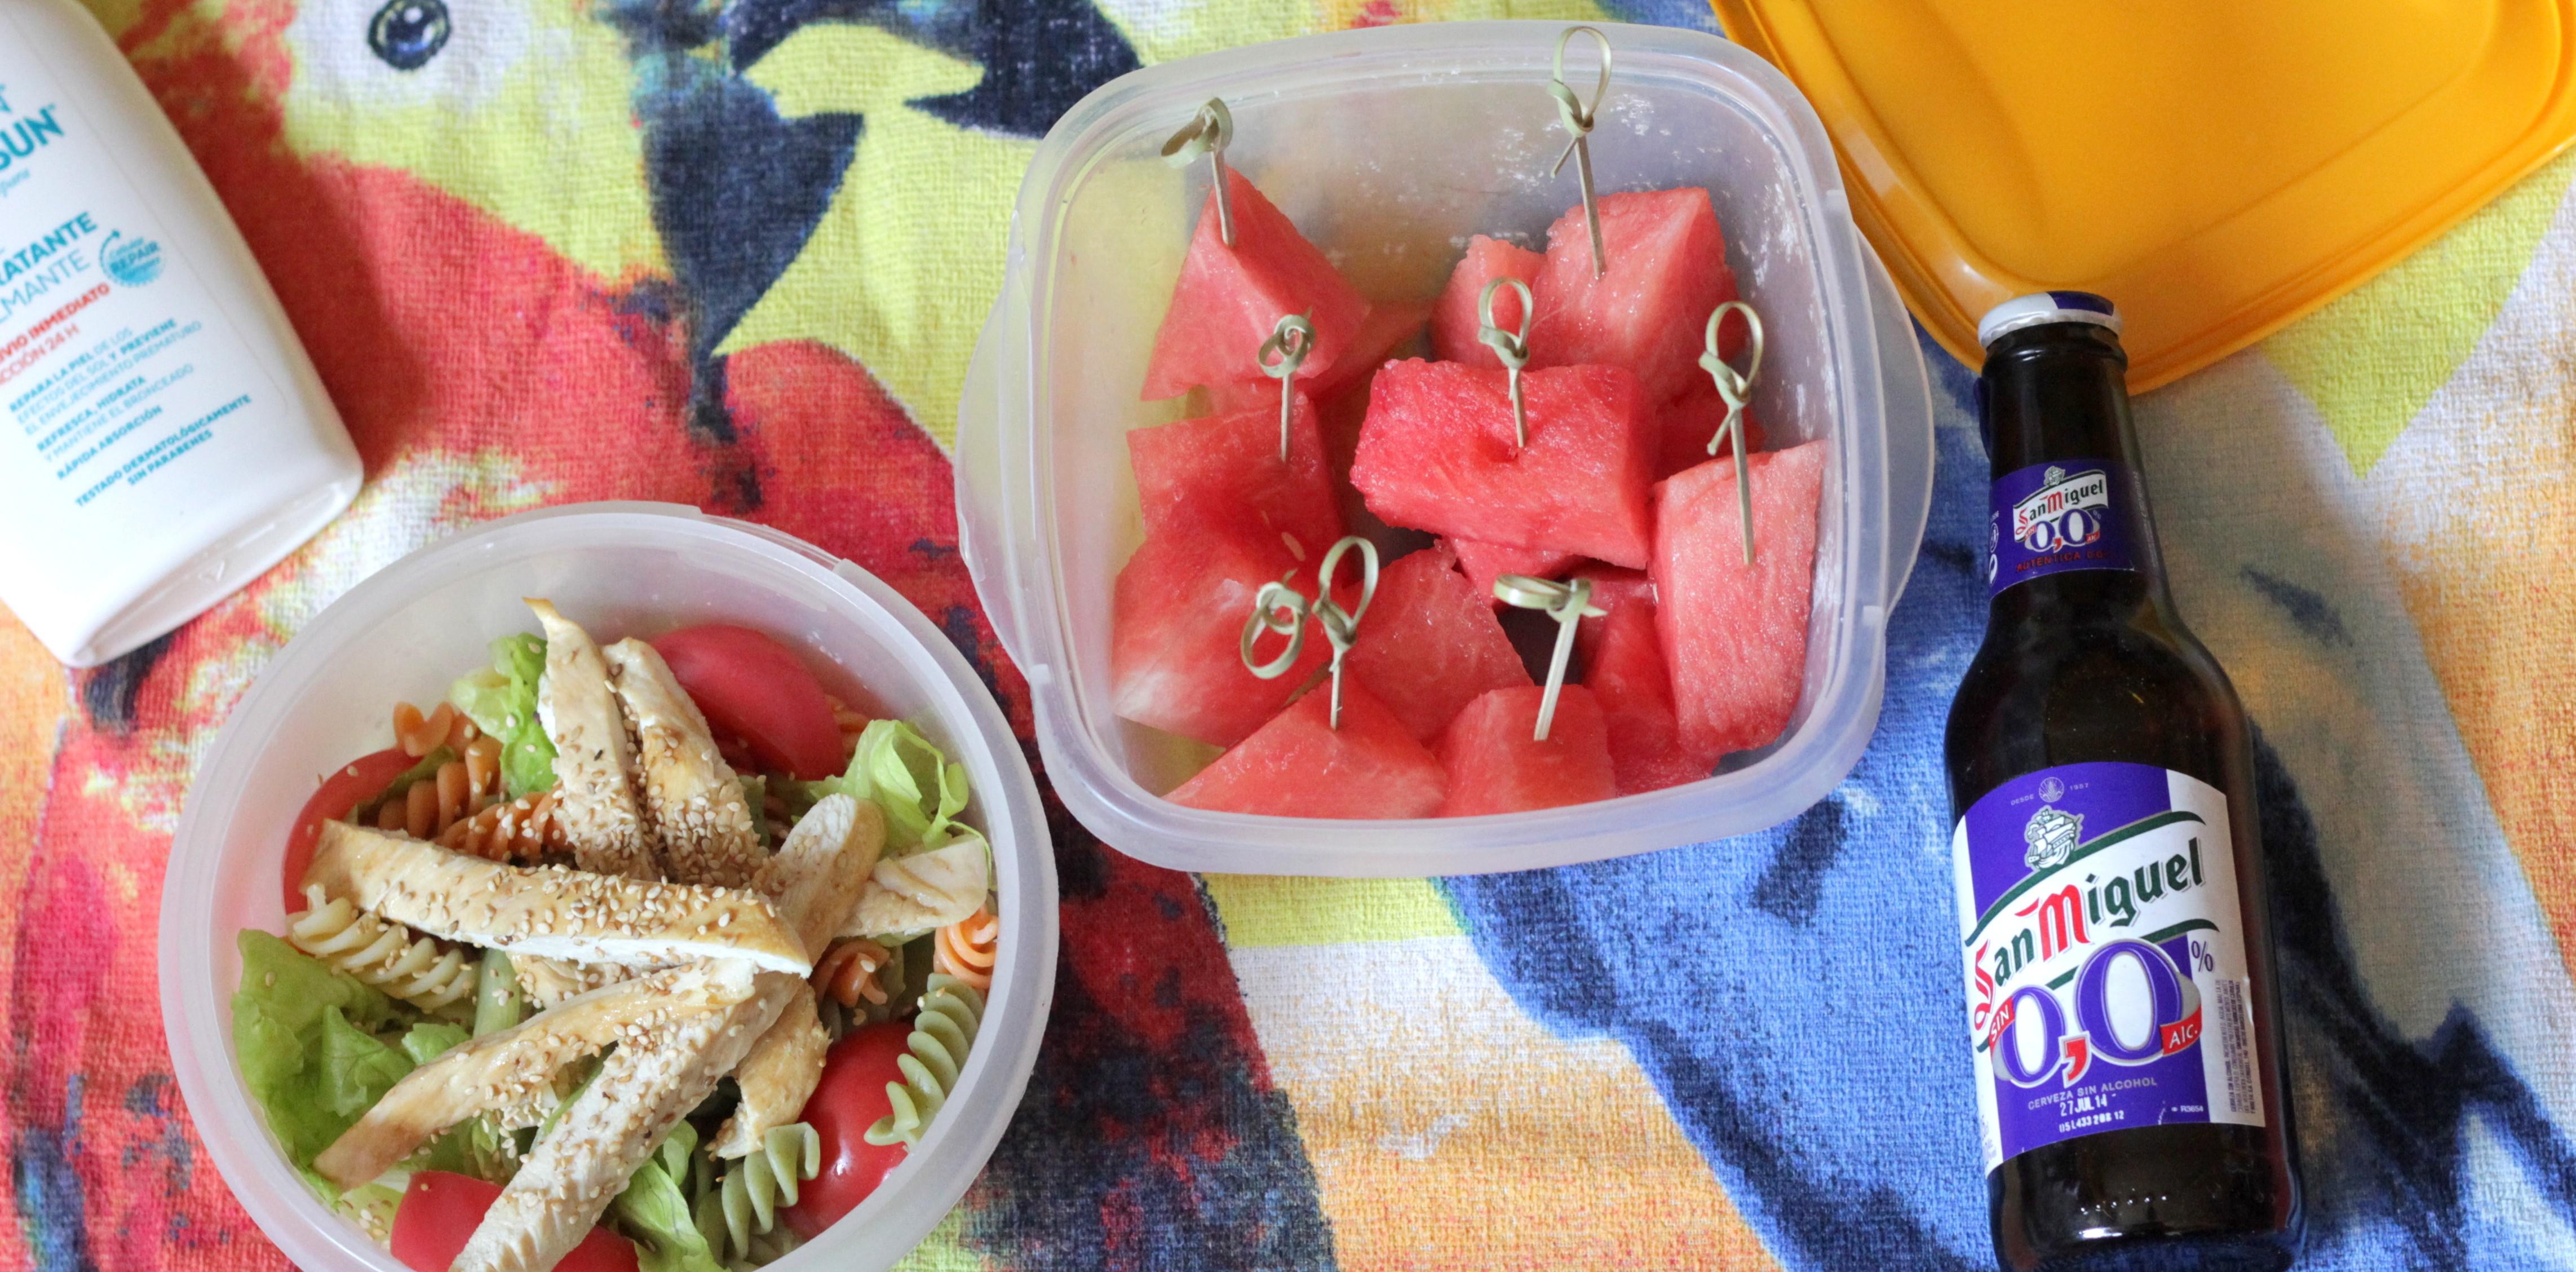 Recetas de verano para llevar a la playa o la piscina - Comida para llevar de picnic ...